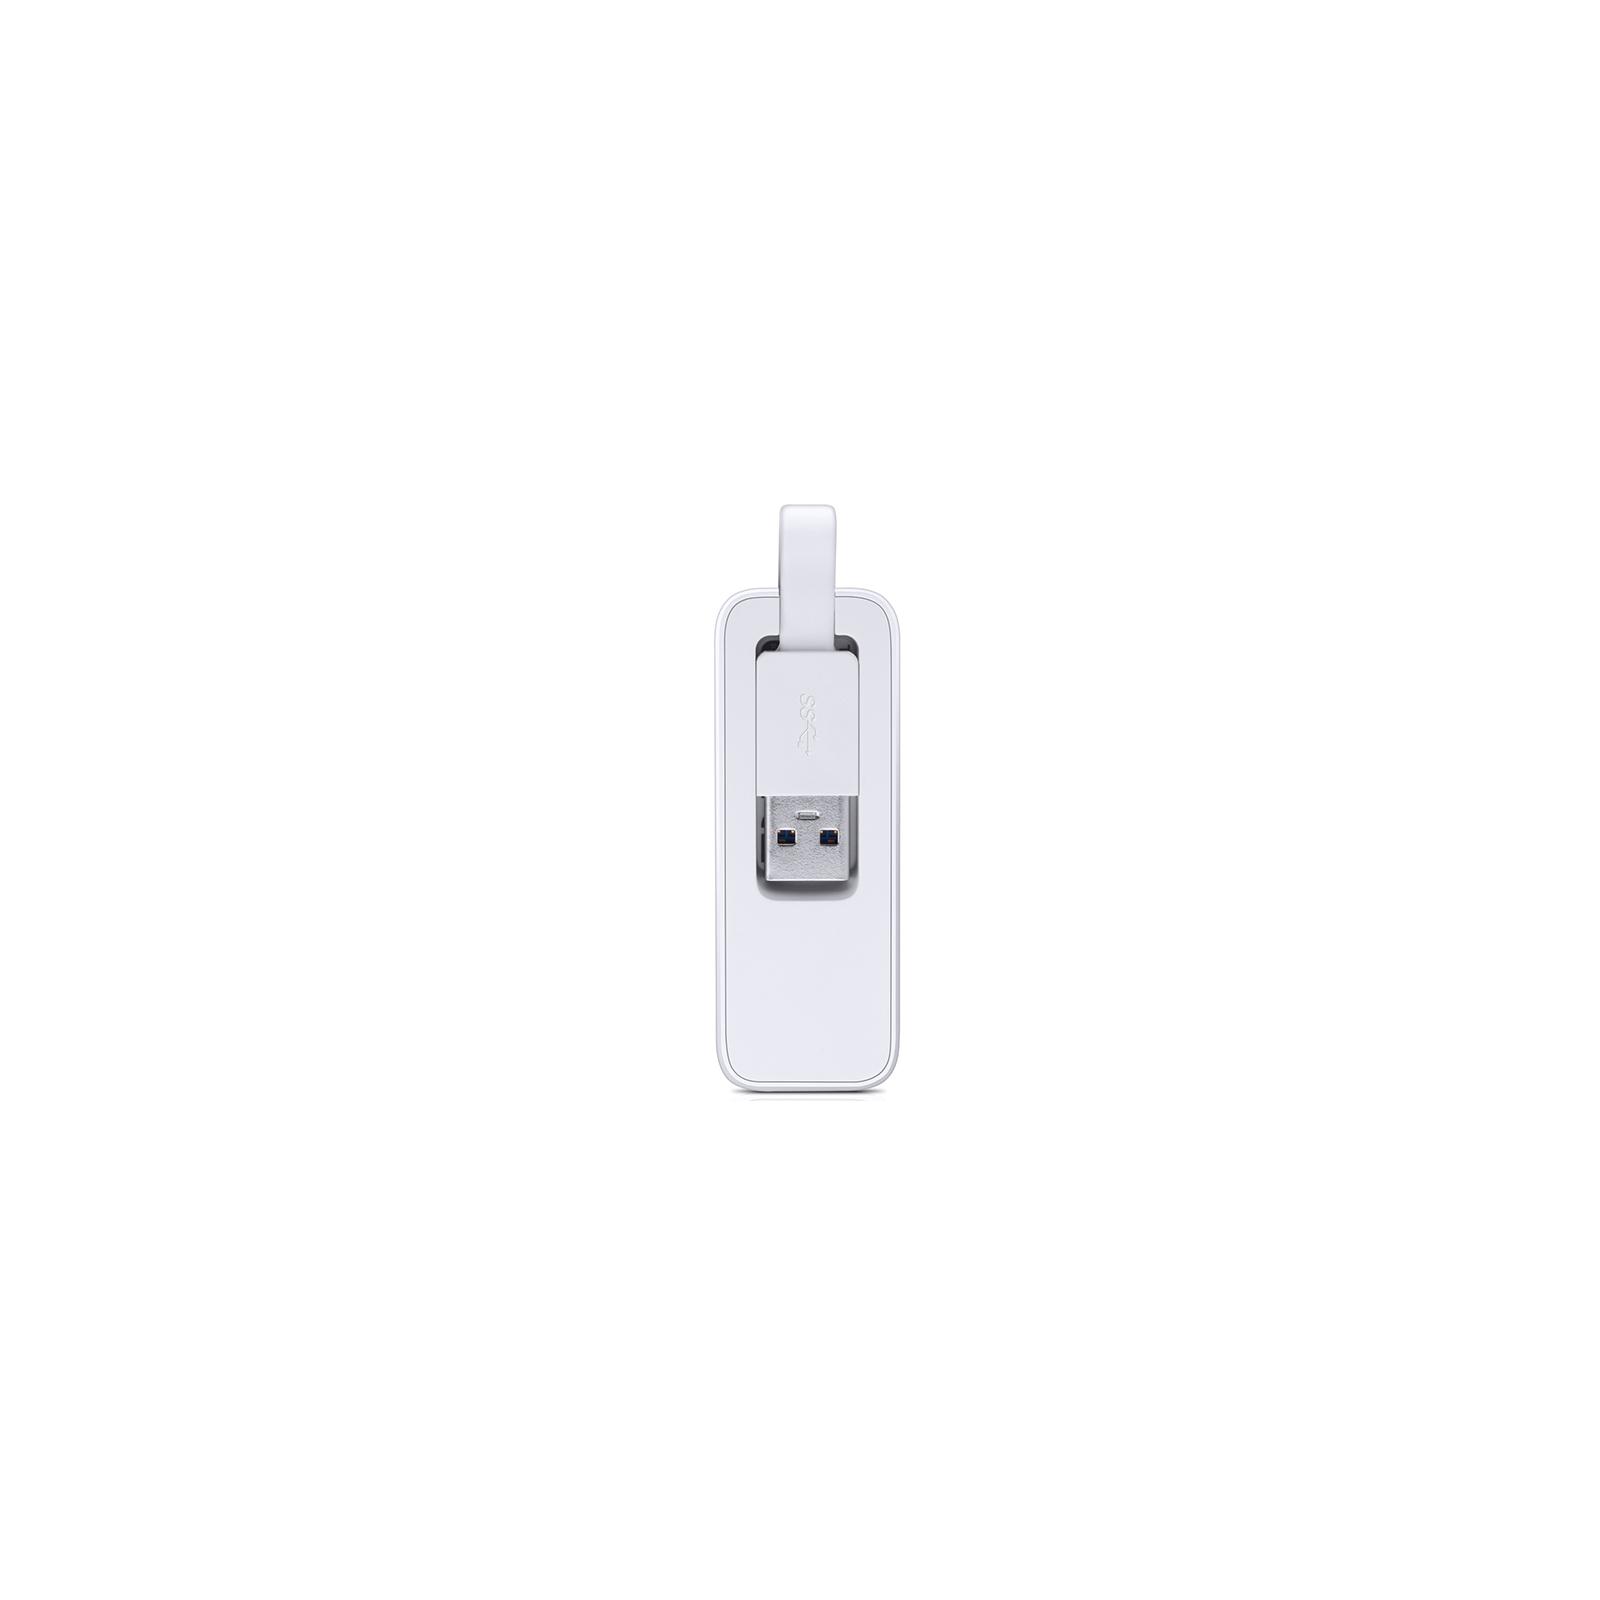 Сетевая карта TP-Link UE300 USB to Ethernet (UE300) изображение 2